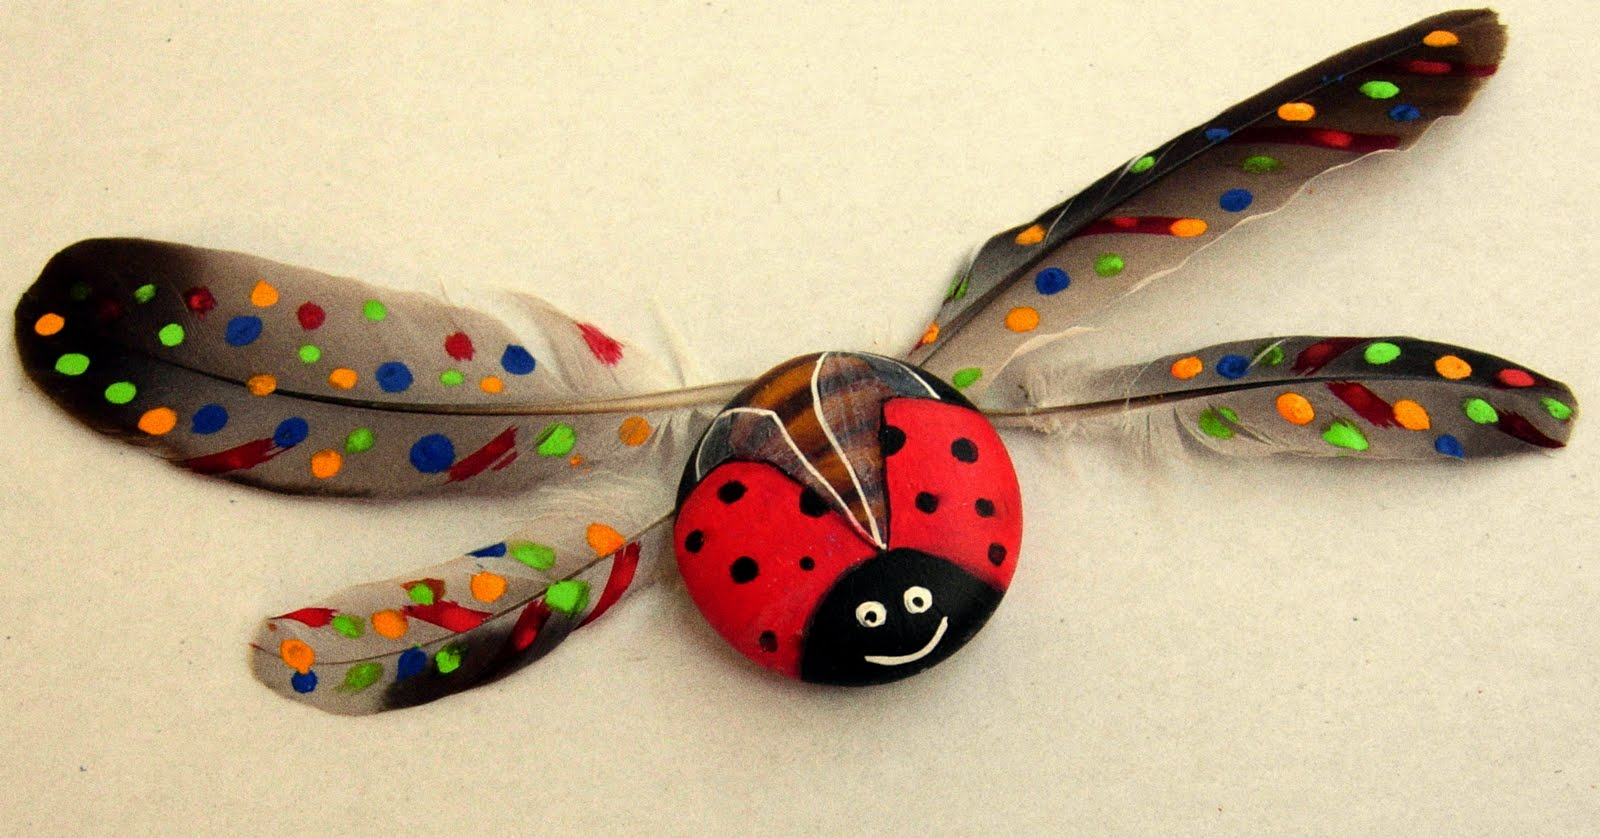 farfalla dalle ali variopinte storia di una pimpia coccinella vola